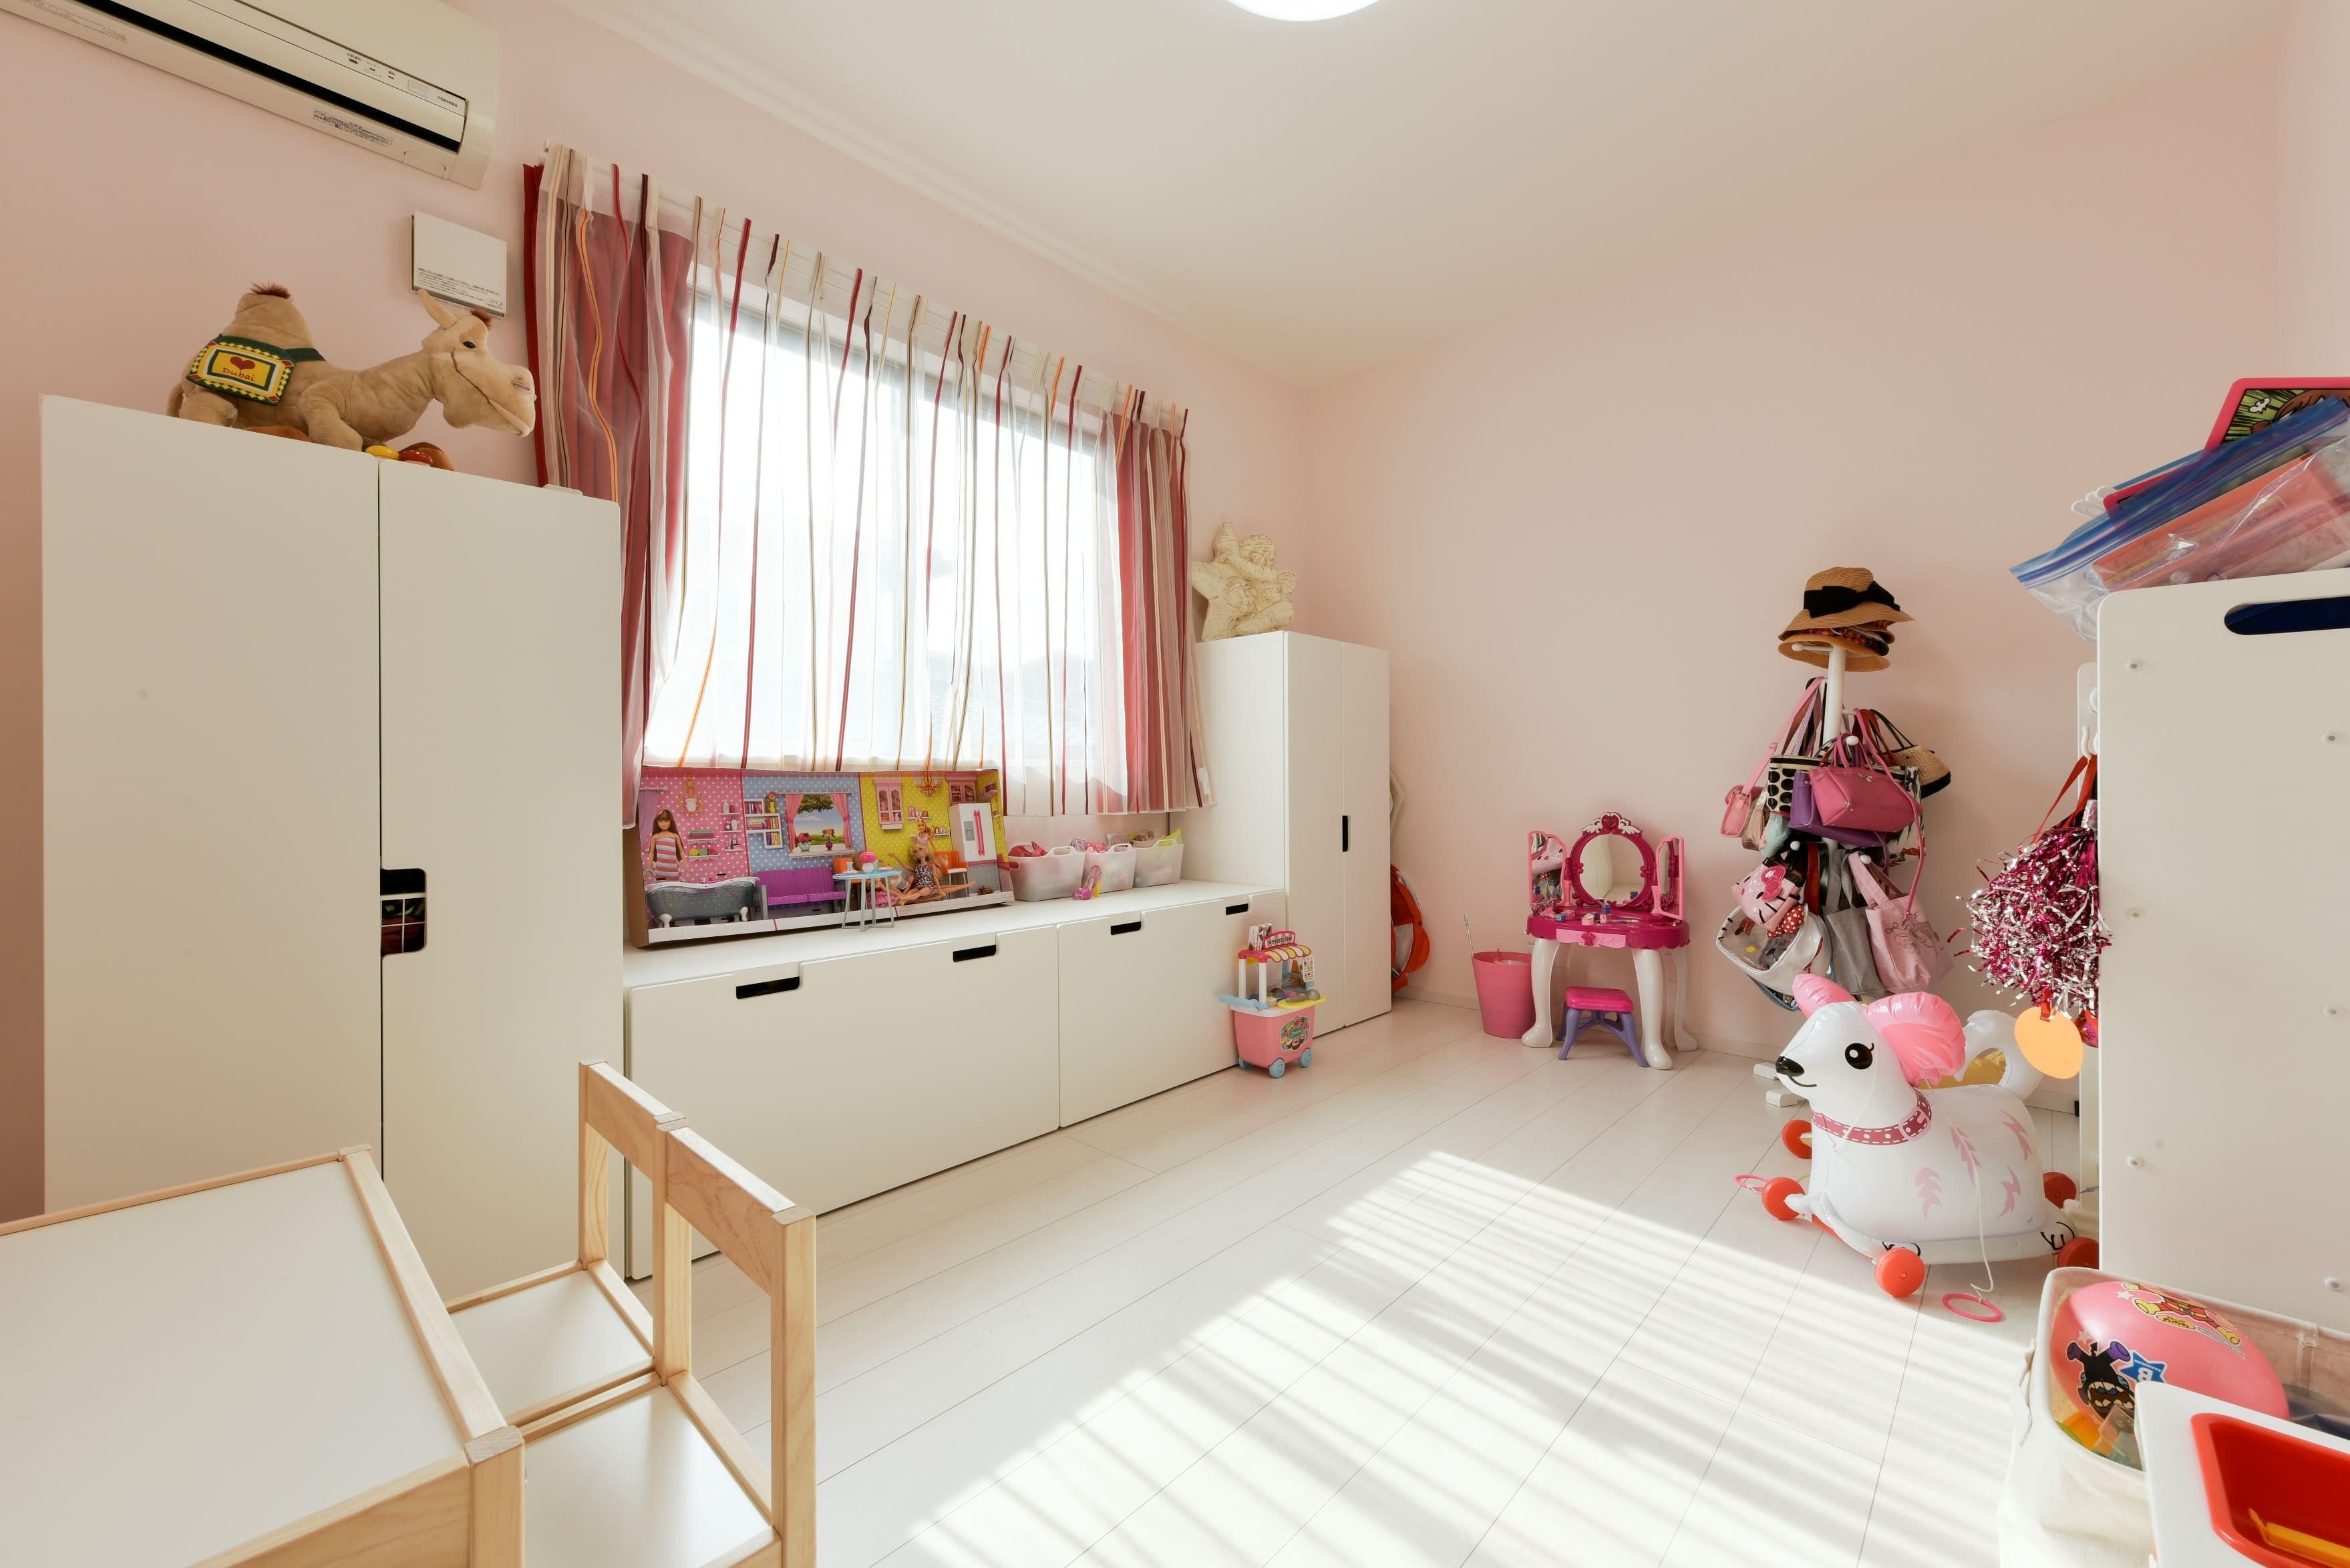 子供部屋事例:明るい子供部屋(奥様の実家を増築して二世帯住宅にリフォーム。LDを広げて開放感あふれる空間に。)